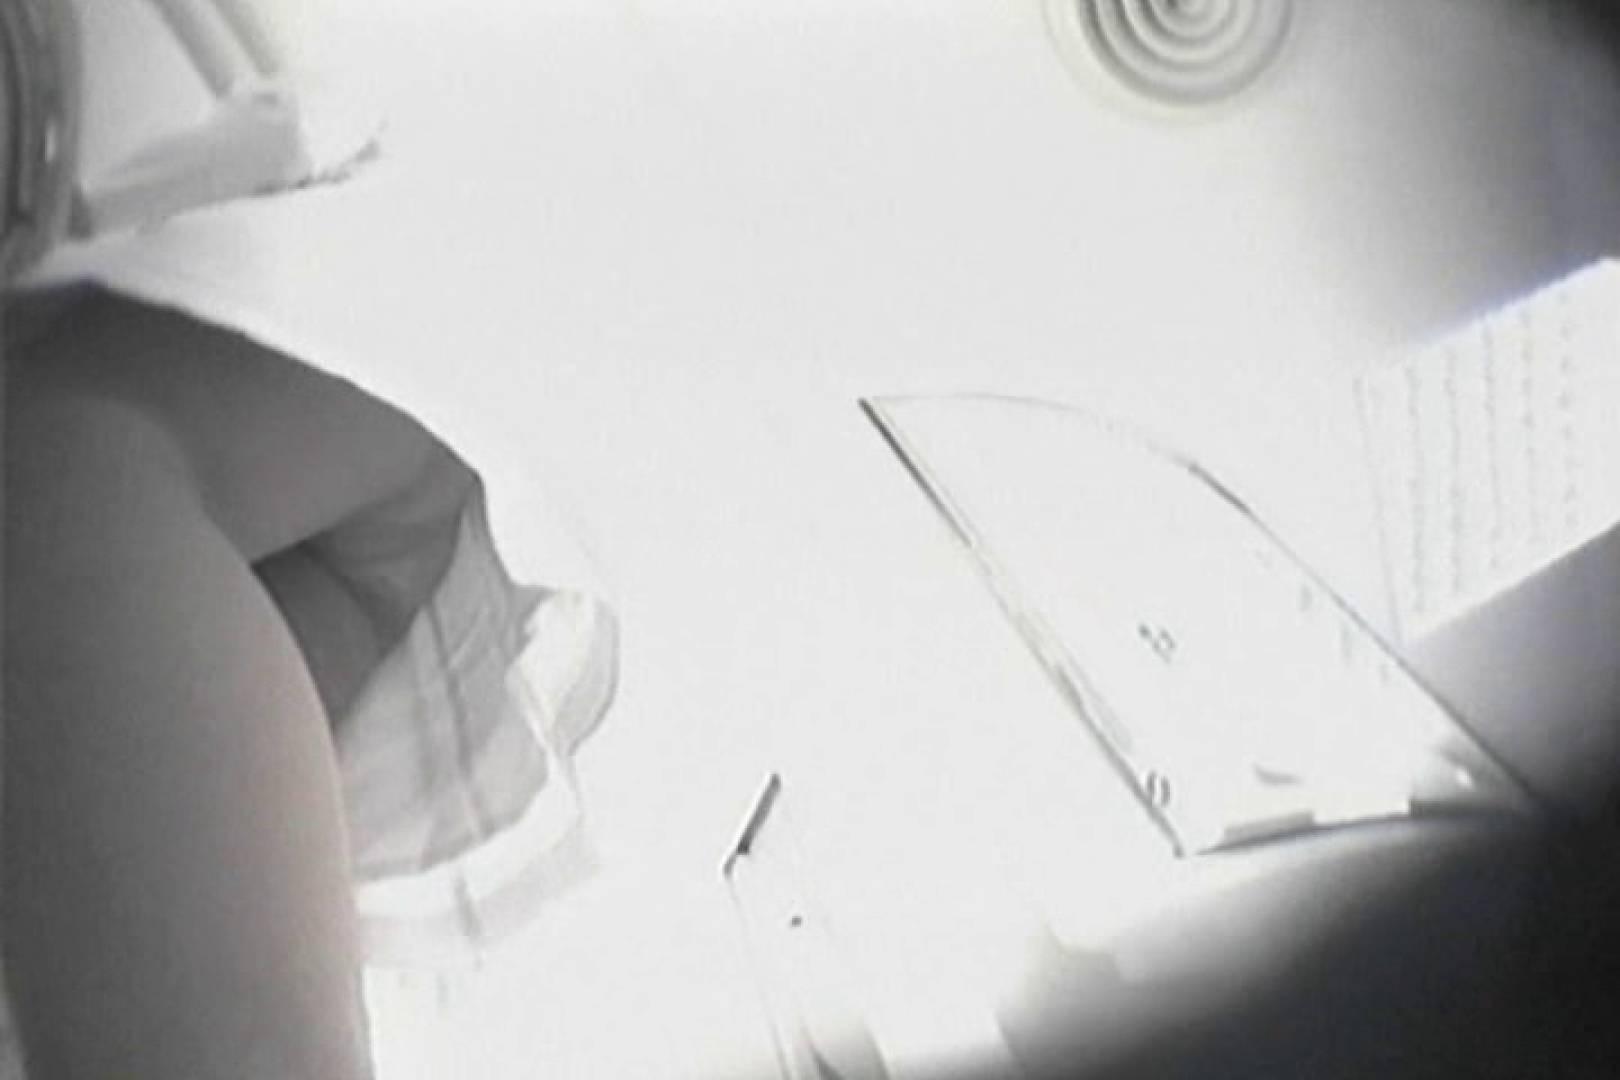 デパートローアングル徘徊 靴カメ盗撮Vol.2 HなOL | エッチな盗撮  110pic 96